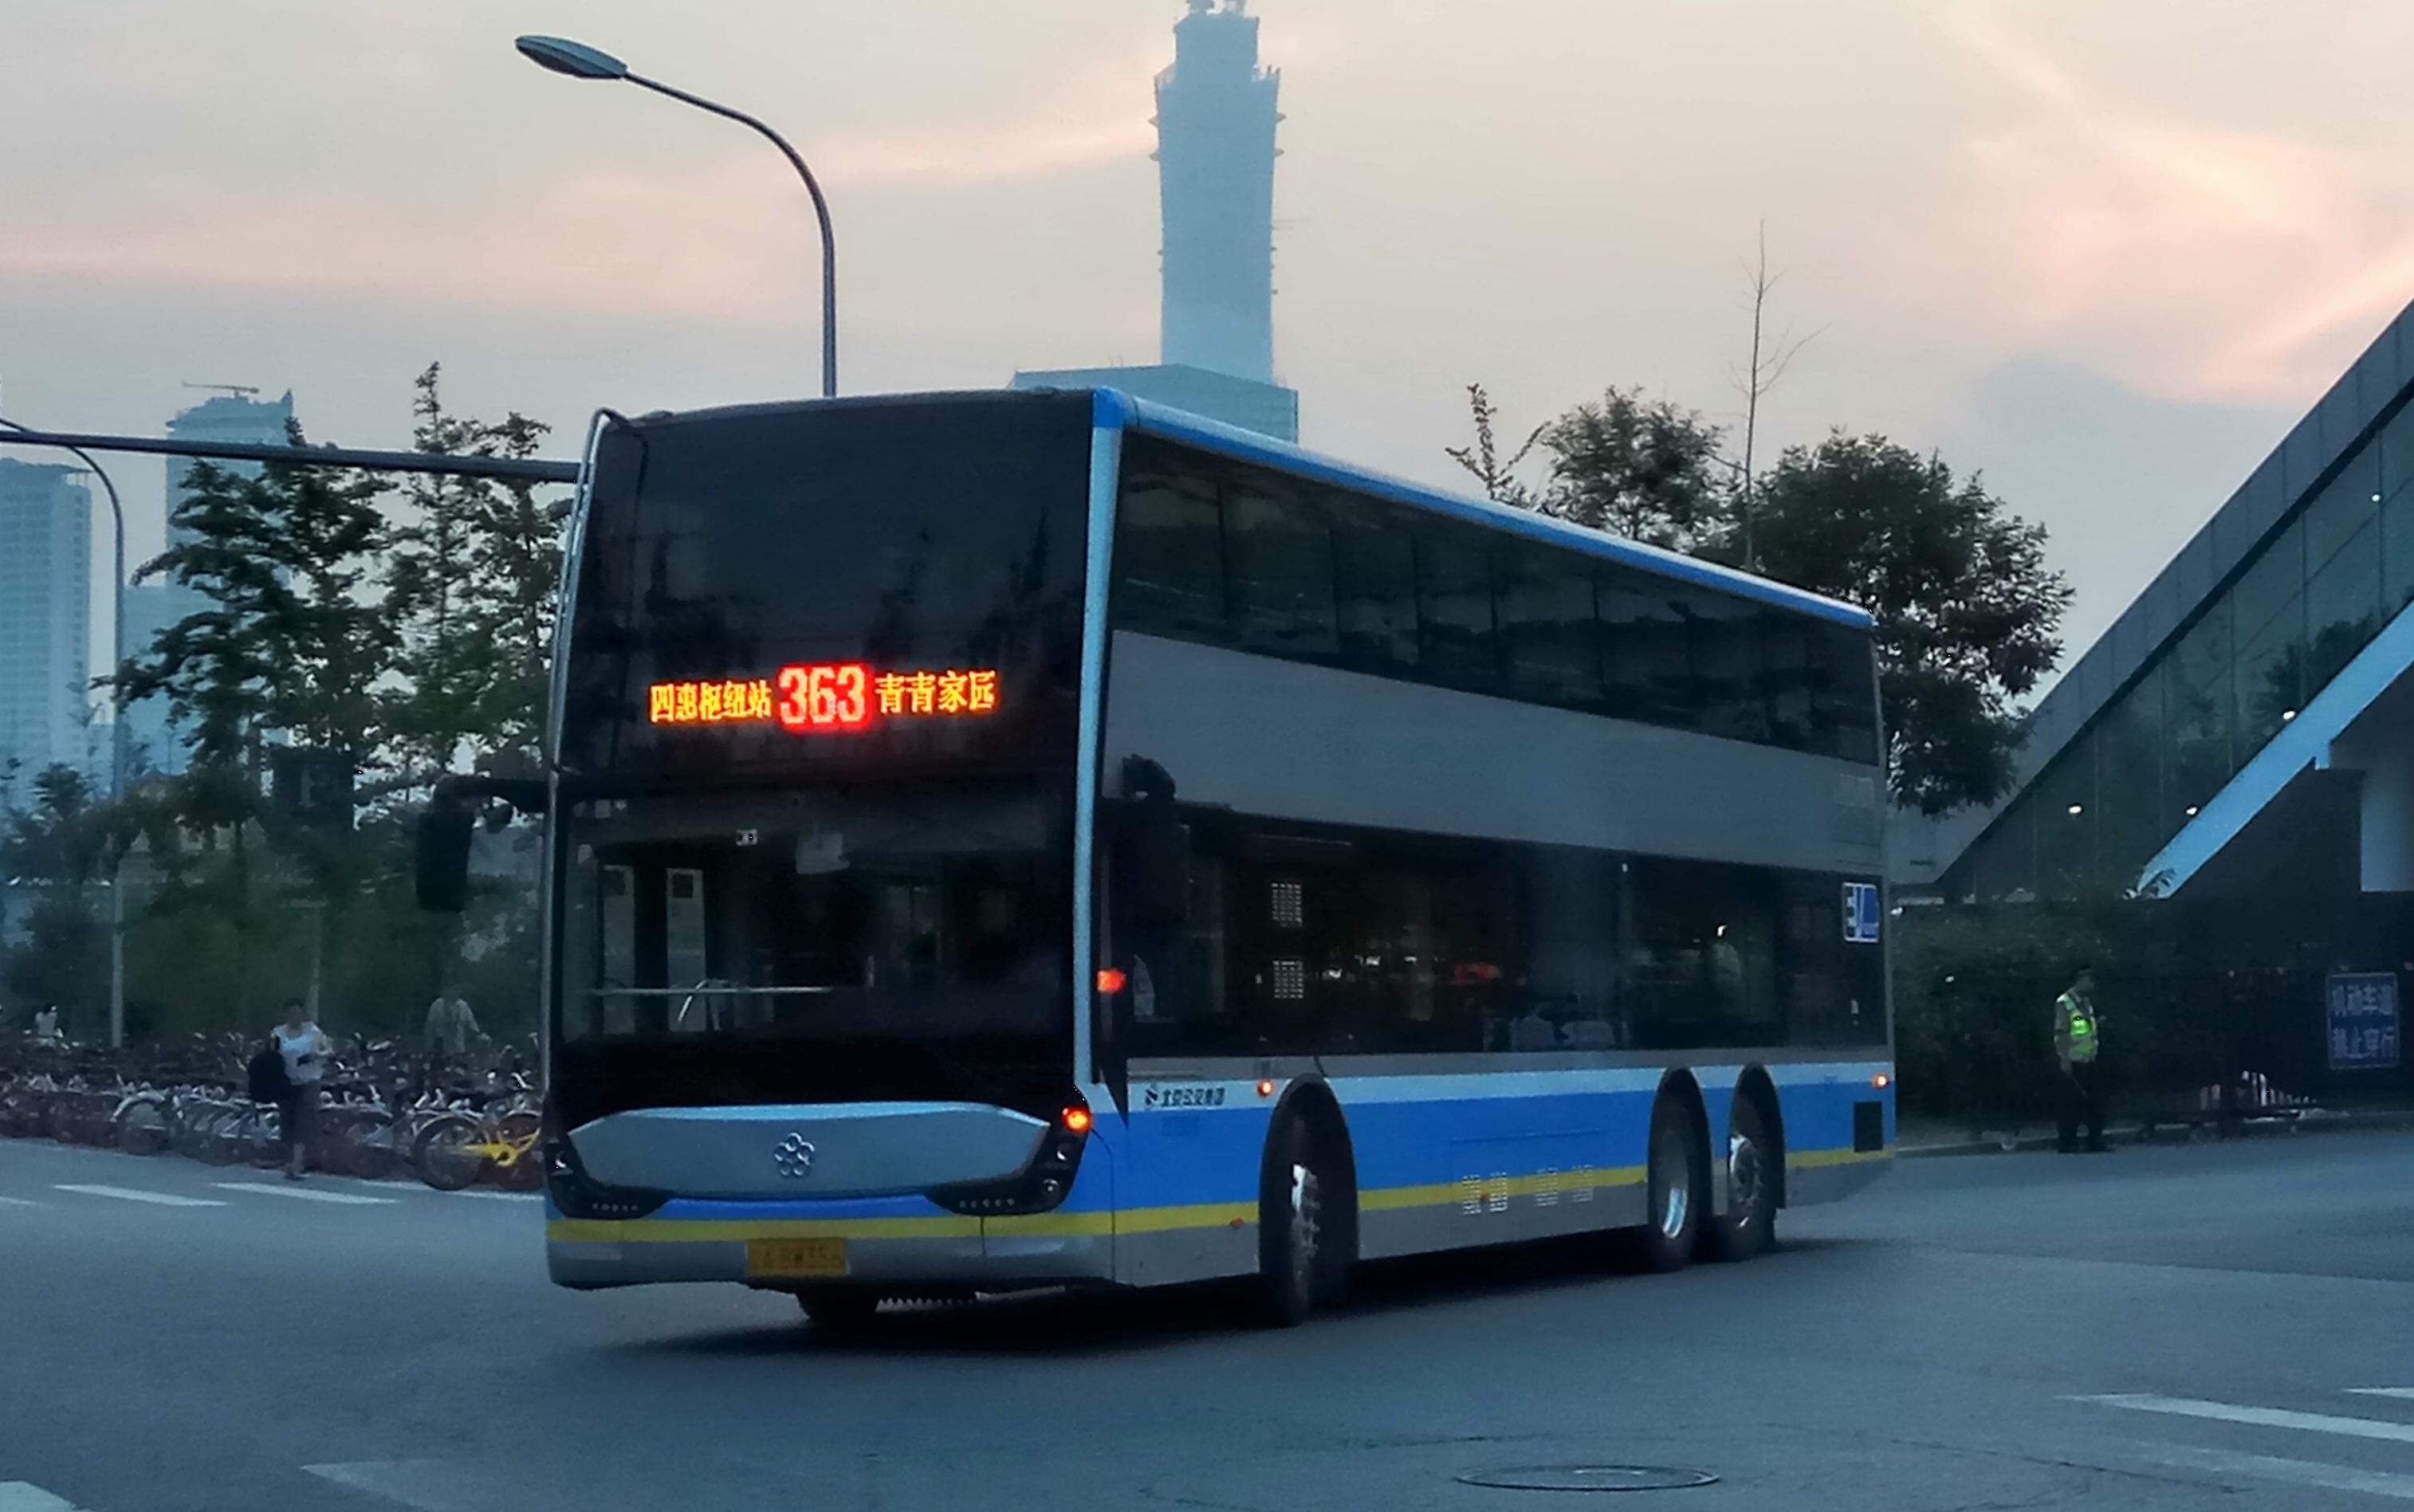 路青青_【双层@n2】北京公交363路(四惠枢纽站→青青家园→四惠枢纽站)全程二